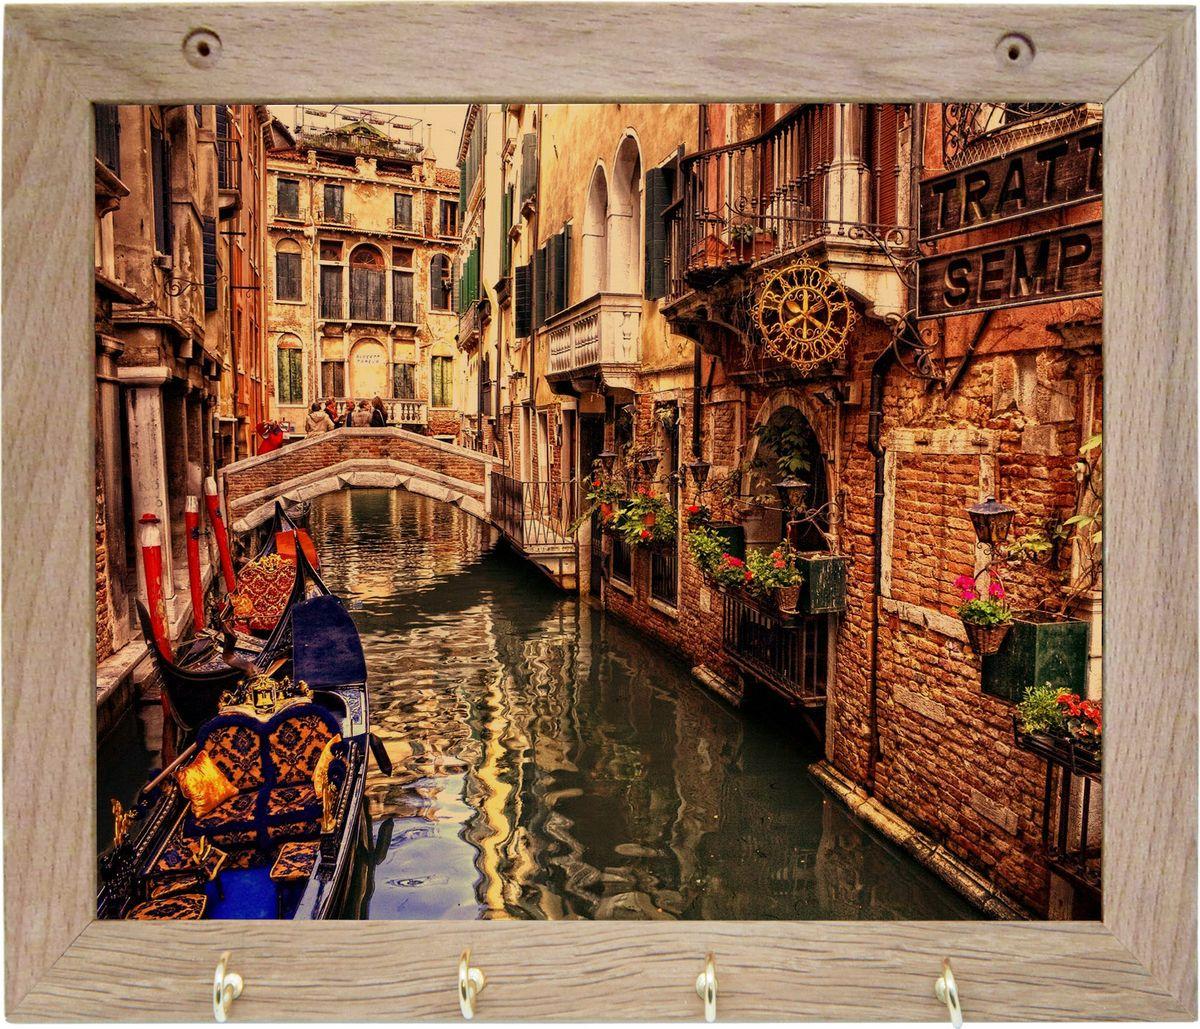 Вешалка GiftnHome Венеция, с 4 крючками, 20 х 25 смS03301004Вешалка GiftnHome Венеция в стиле Art-Casual изготовлена из натурального дерева в комбинации с модными цветными принтами на корпусе от Креативной студии AntonioK. Вешалка снабжена 4 металлическими крючками для подвешивания аксессуаров, полотенец, прихваток и другого текстиля. Это изделие больше, чем просто вешалка, оно несет интерьерное решение, задает настроение и стиль на вашей кухне, столовой или дачной веранде. Art-Casual значит буквально повседневное искусство. Это новый стиль предложения обычных домашних аксессуаров в качестве элементов, задающих стиль и шарм окружающего пространства. Уникальное сочетание привычной функциональности и декоративной, интерьерной функции - это актуальная, современная тенденция от прогрессивных производителей товаров для дома.